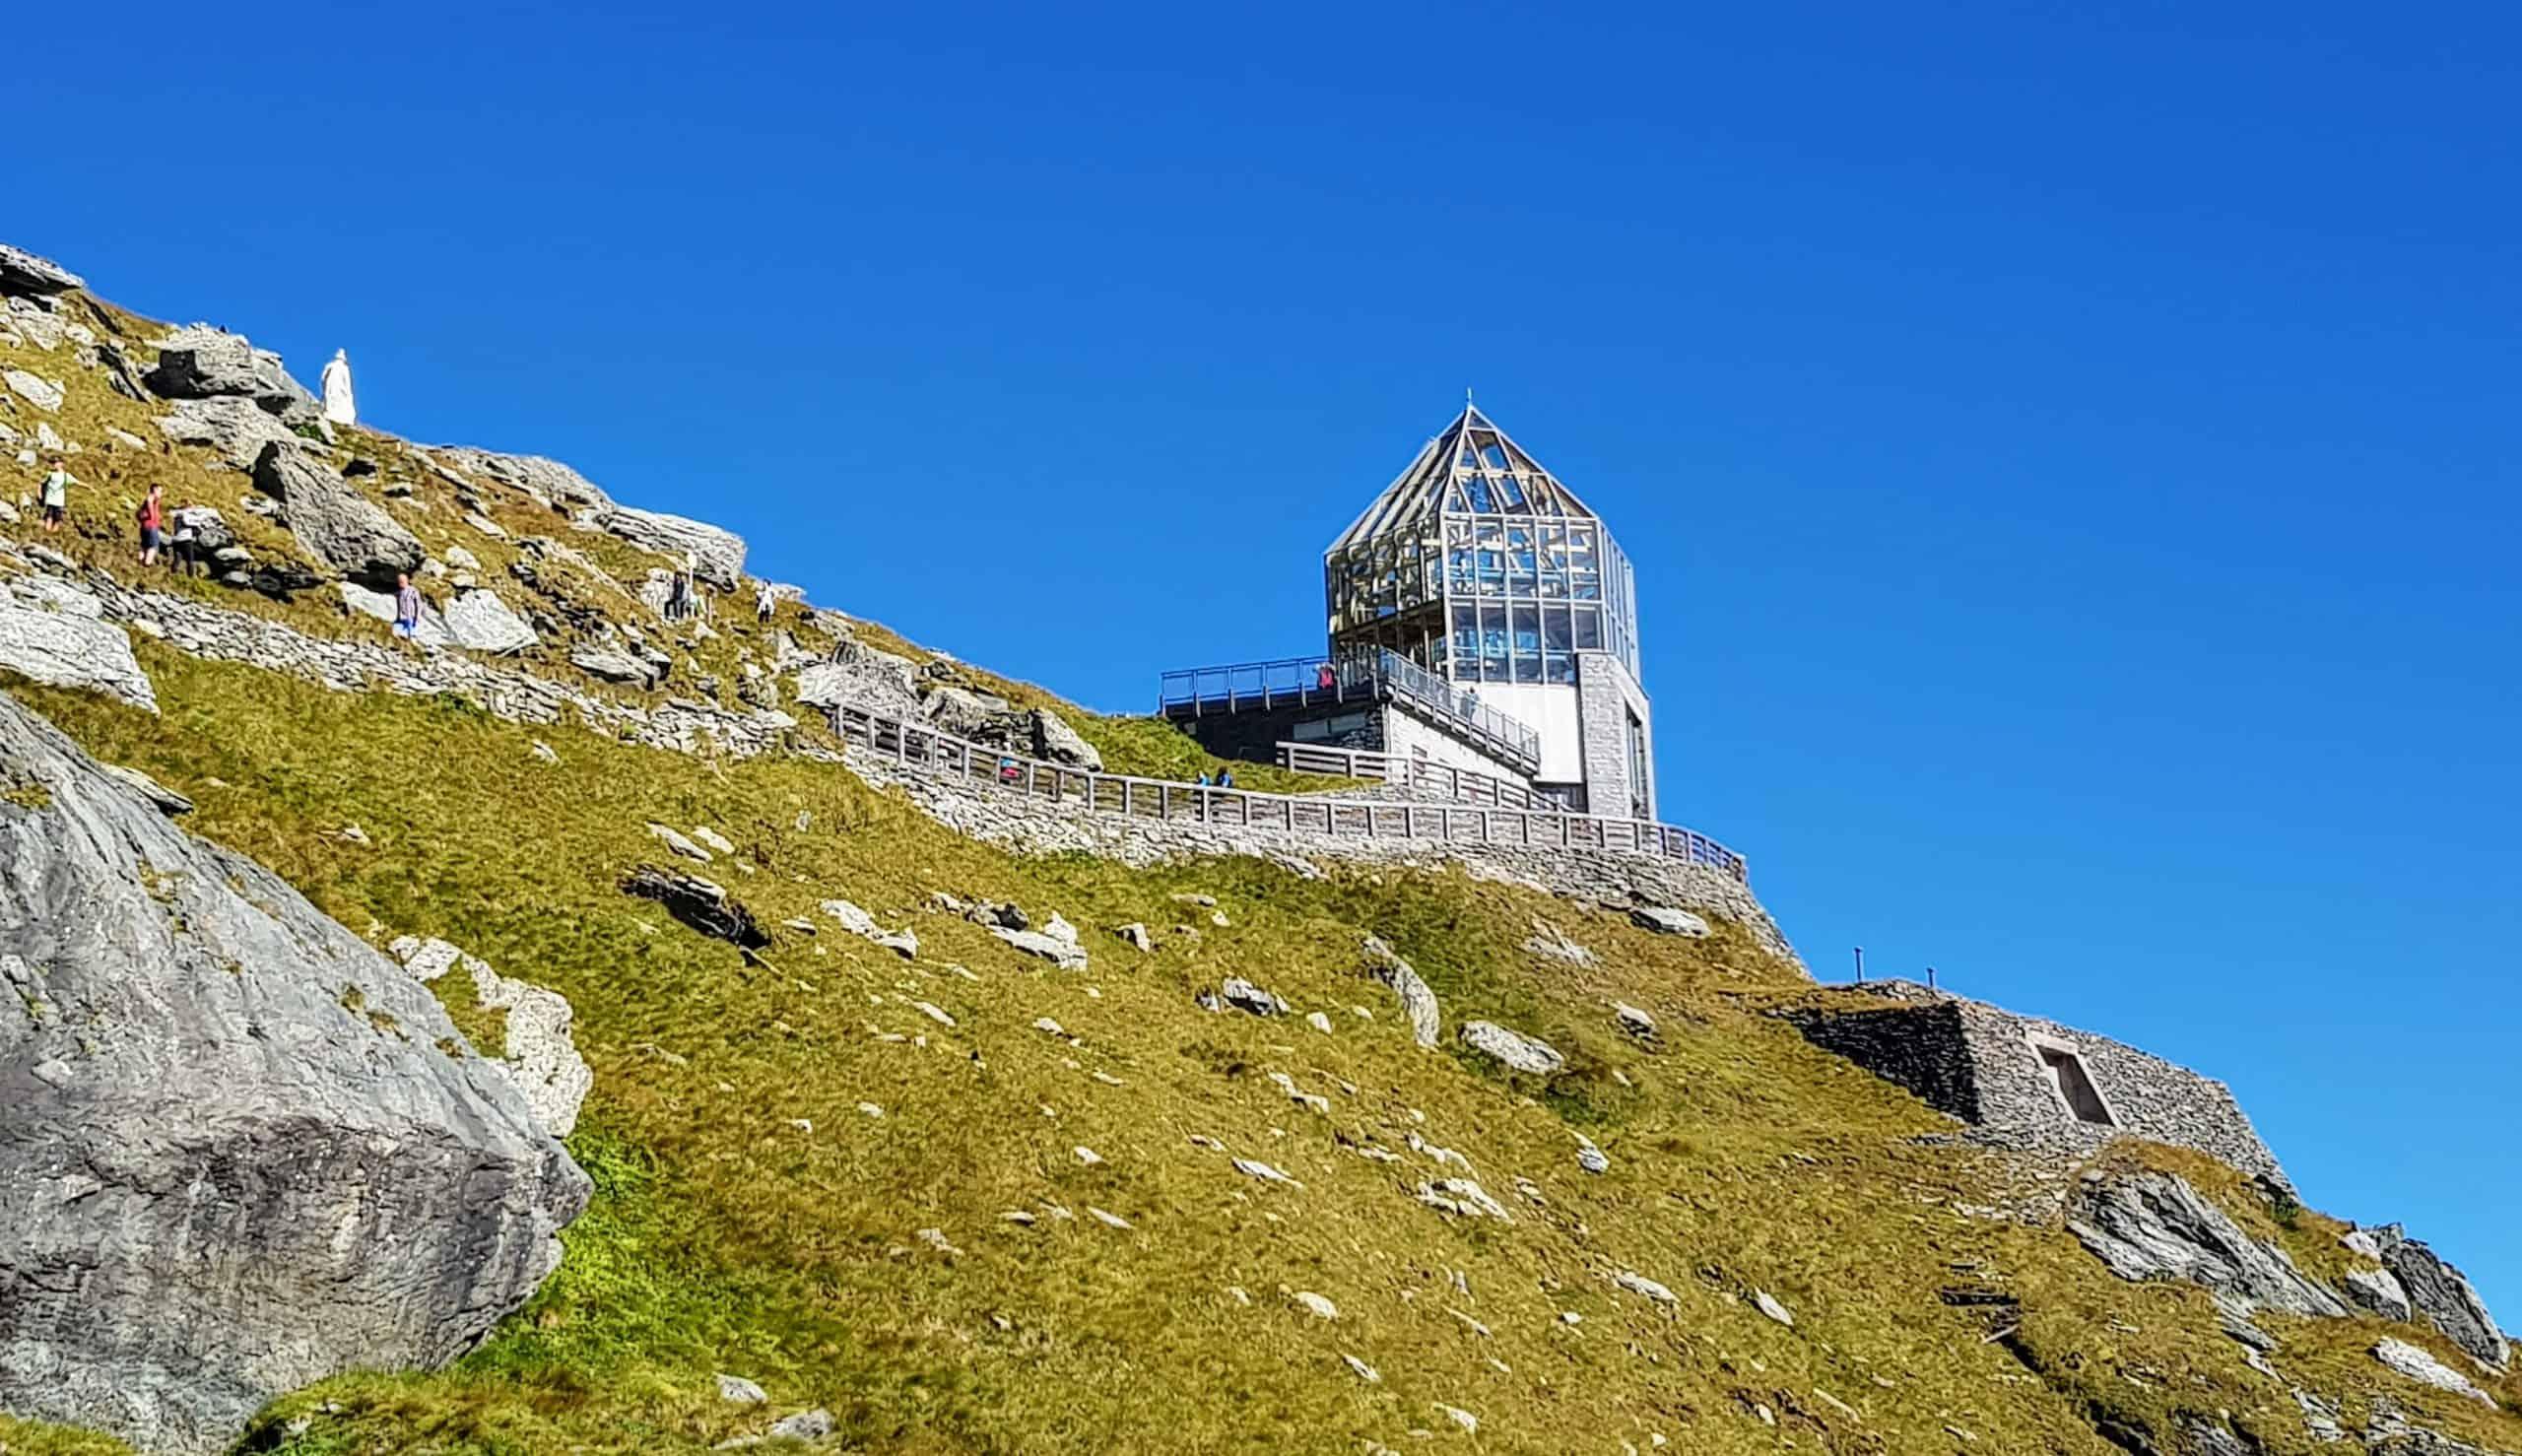 Wanderung zur Swarovski Sternwarte bei Kaiser Franz Josefs Höhe - Großglockner Hochalpenstraße in Österreich.